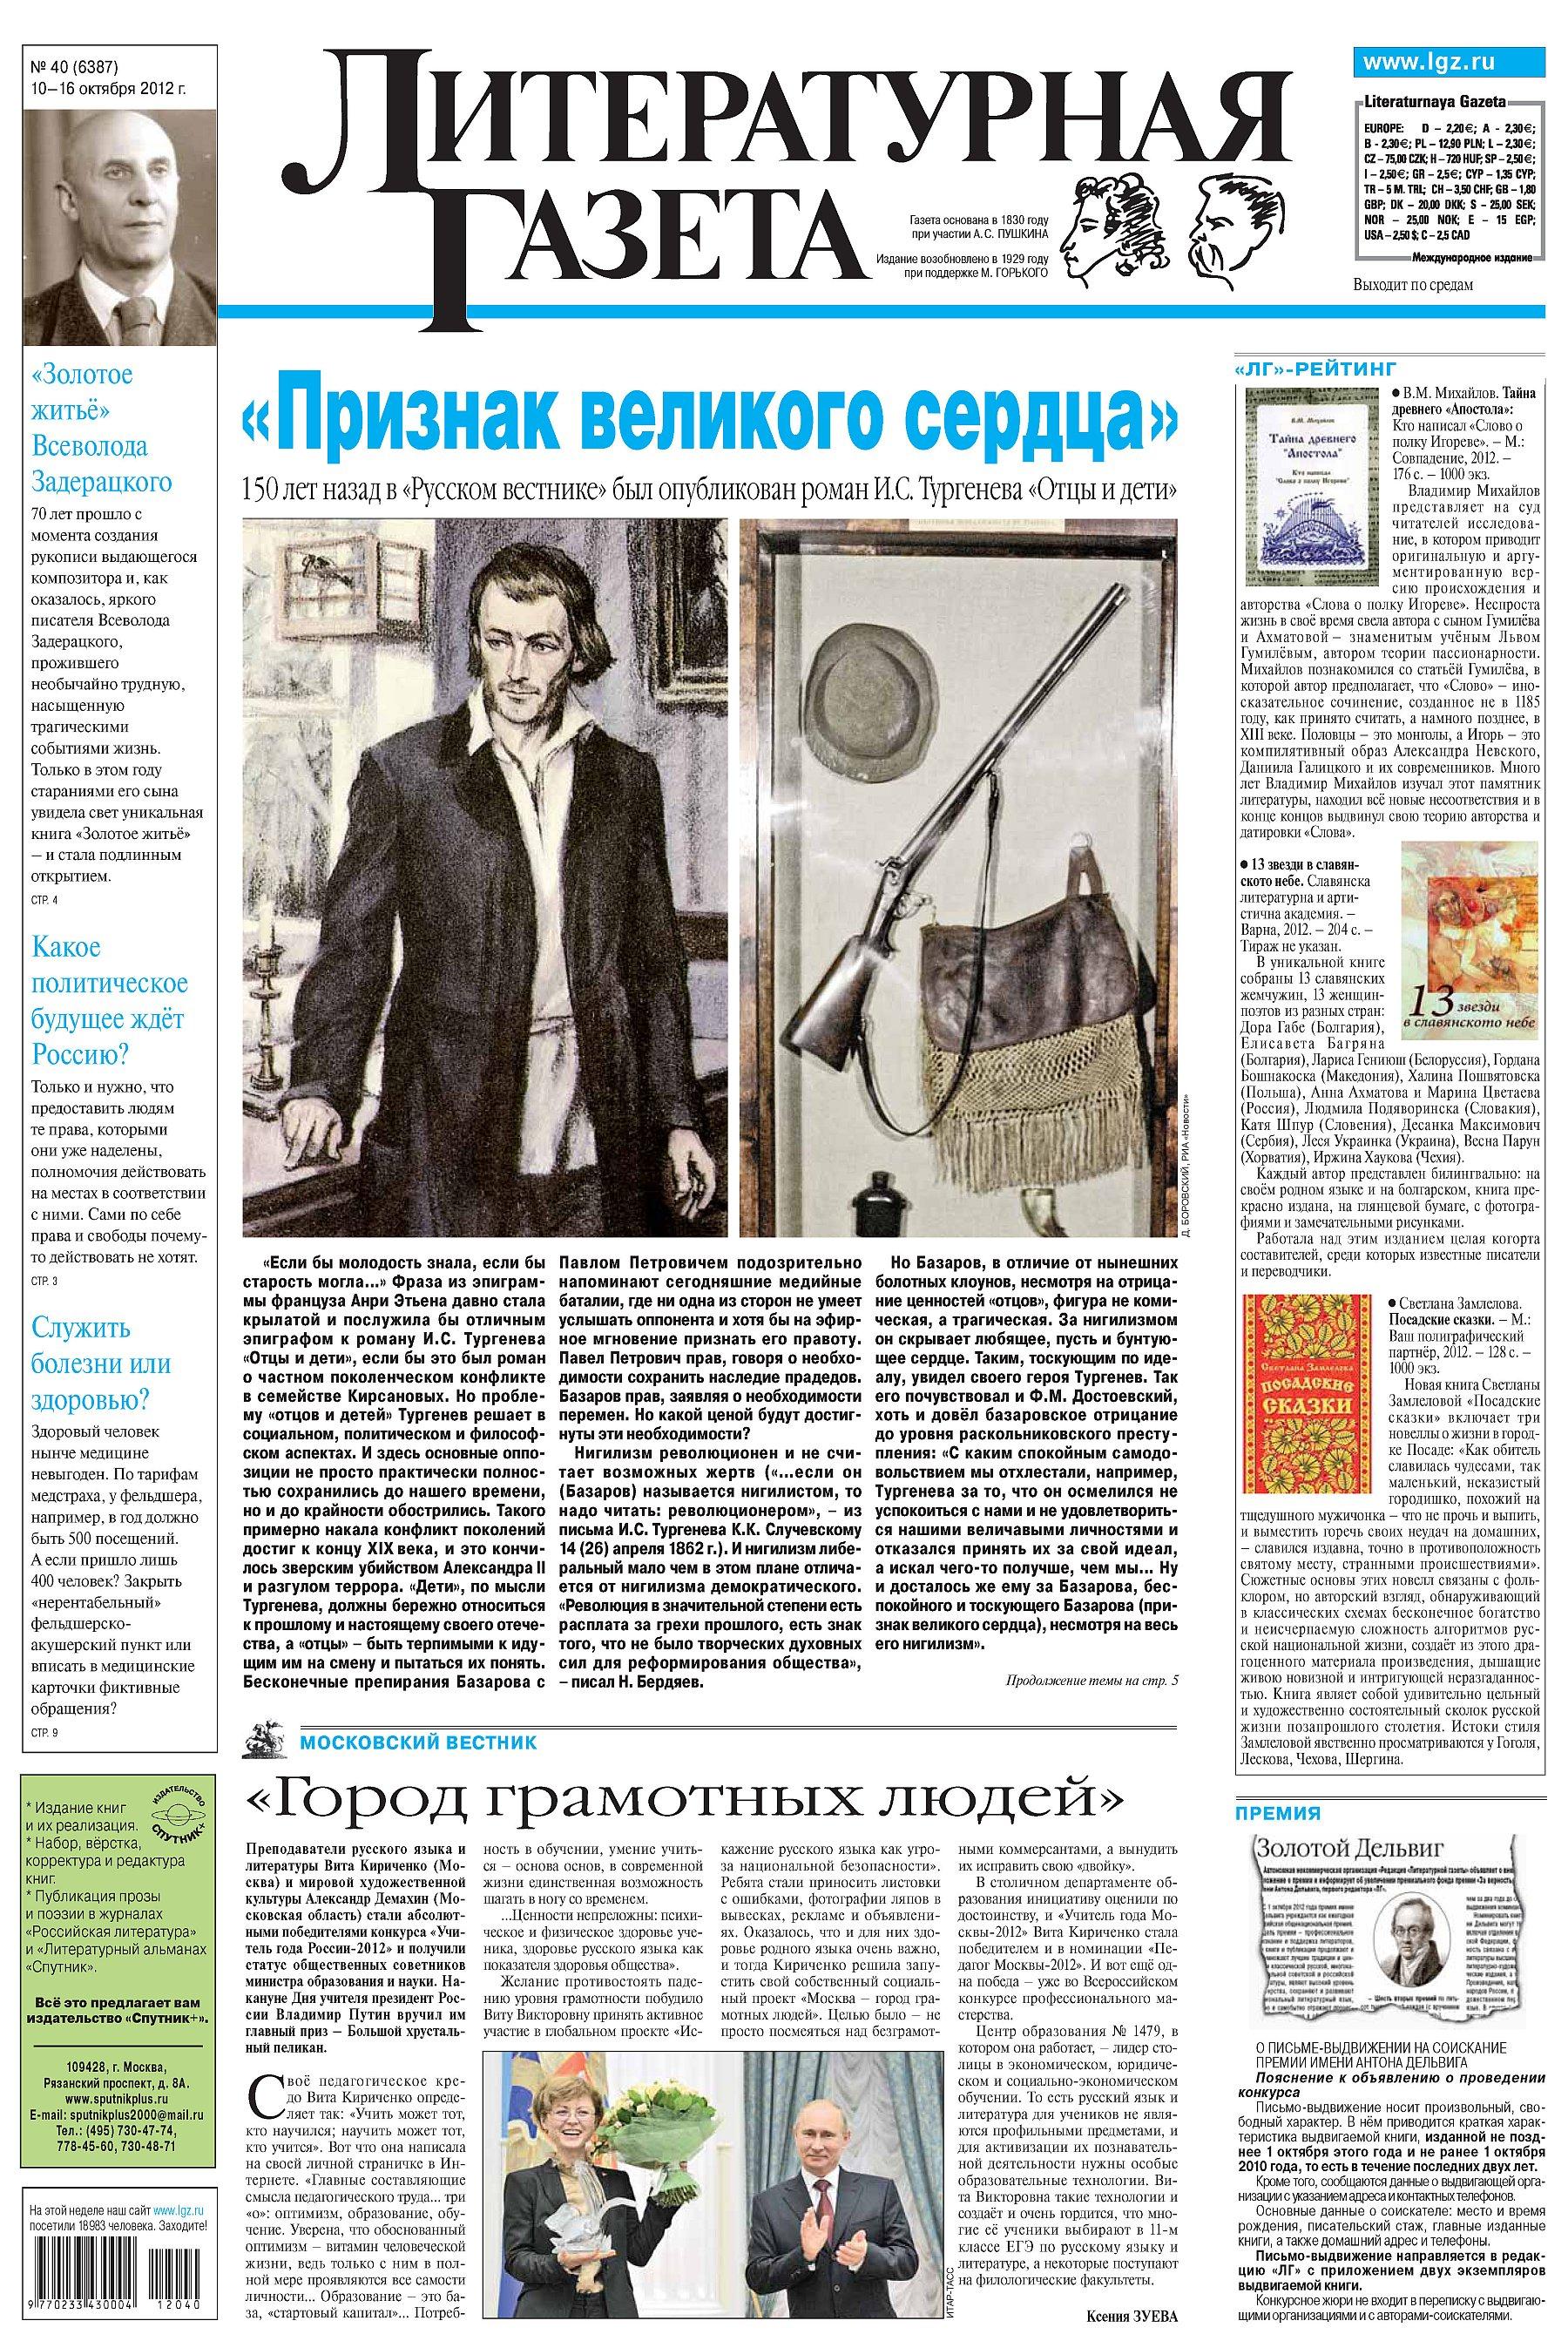 Литературная газета №40 (6387) 2012 фото